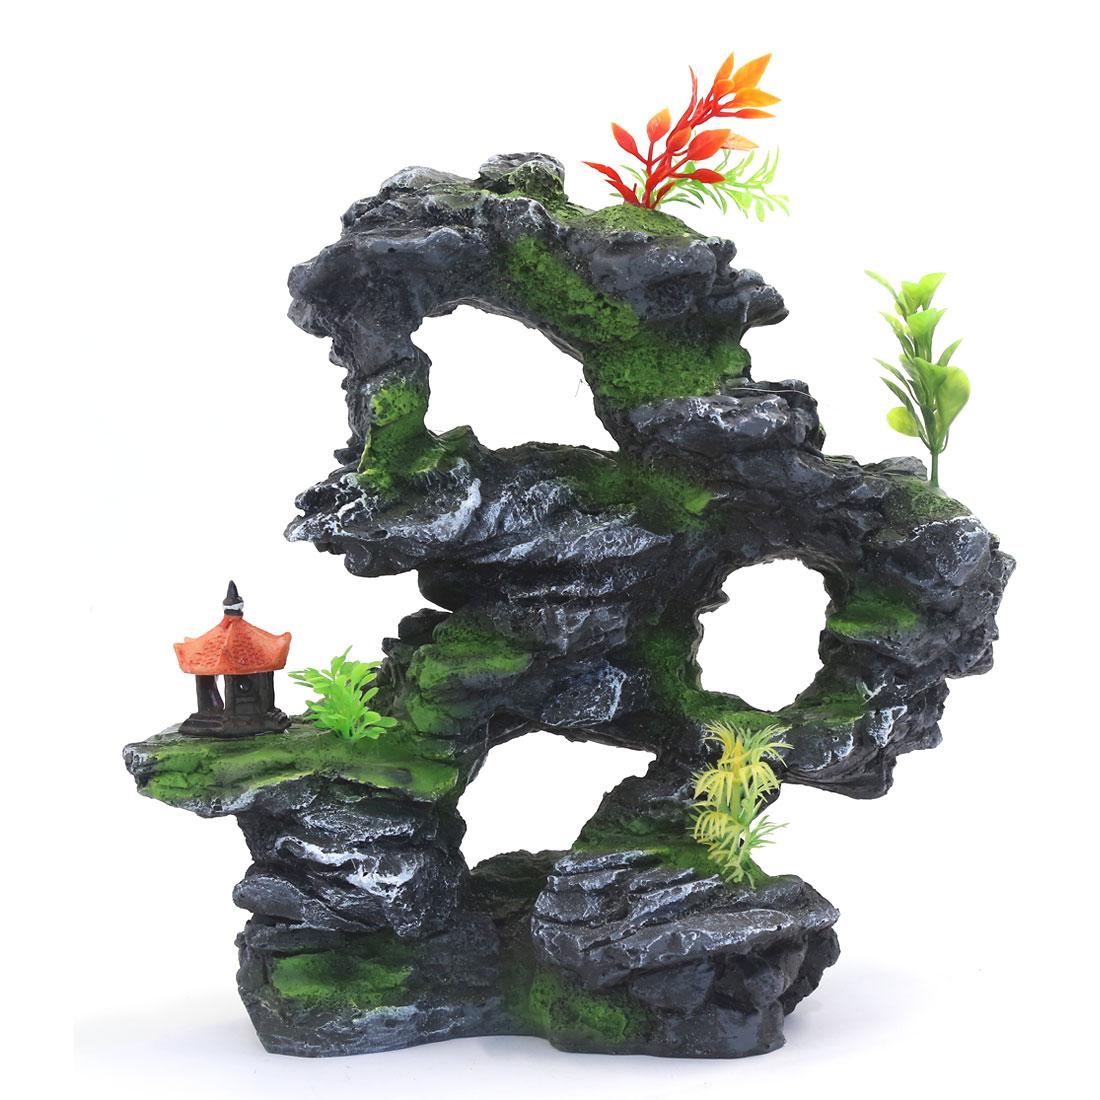 28x17x27cm Étang de jardin Décoration aquatique Colline de rocaille artificielle